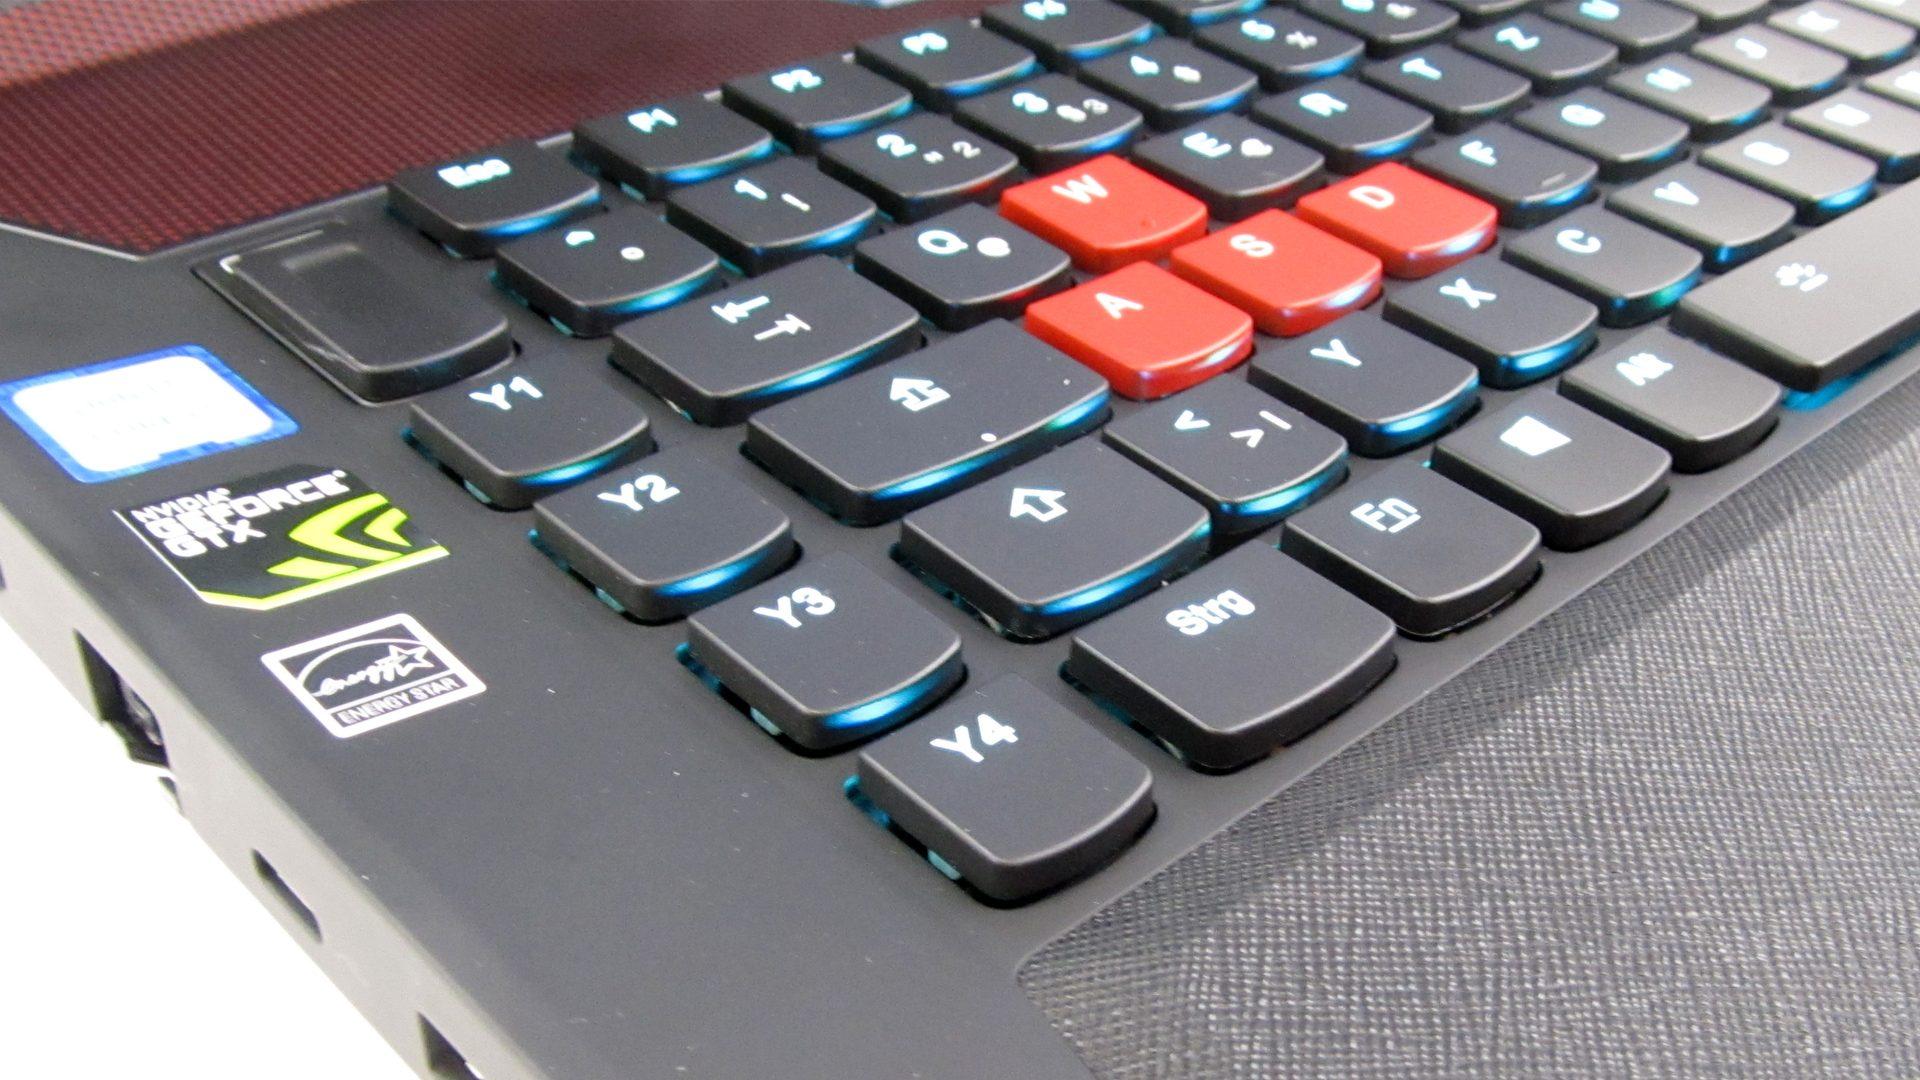 Lenovo-Y900-17ISK-Tastatur_5